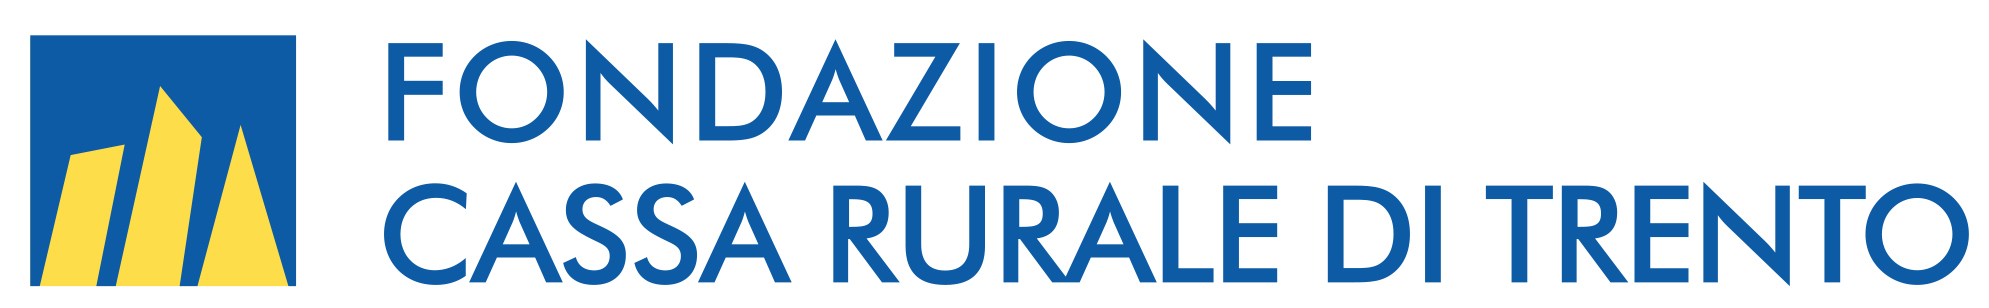 marchio_fondazione_cassa_rurale_tn